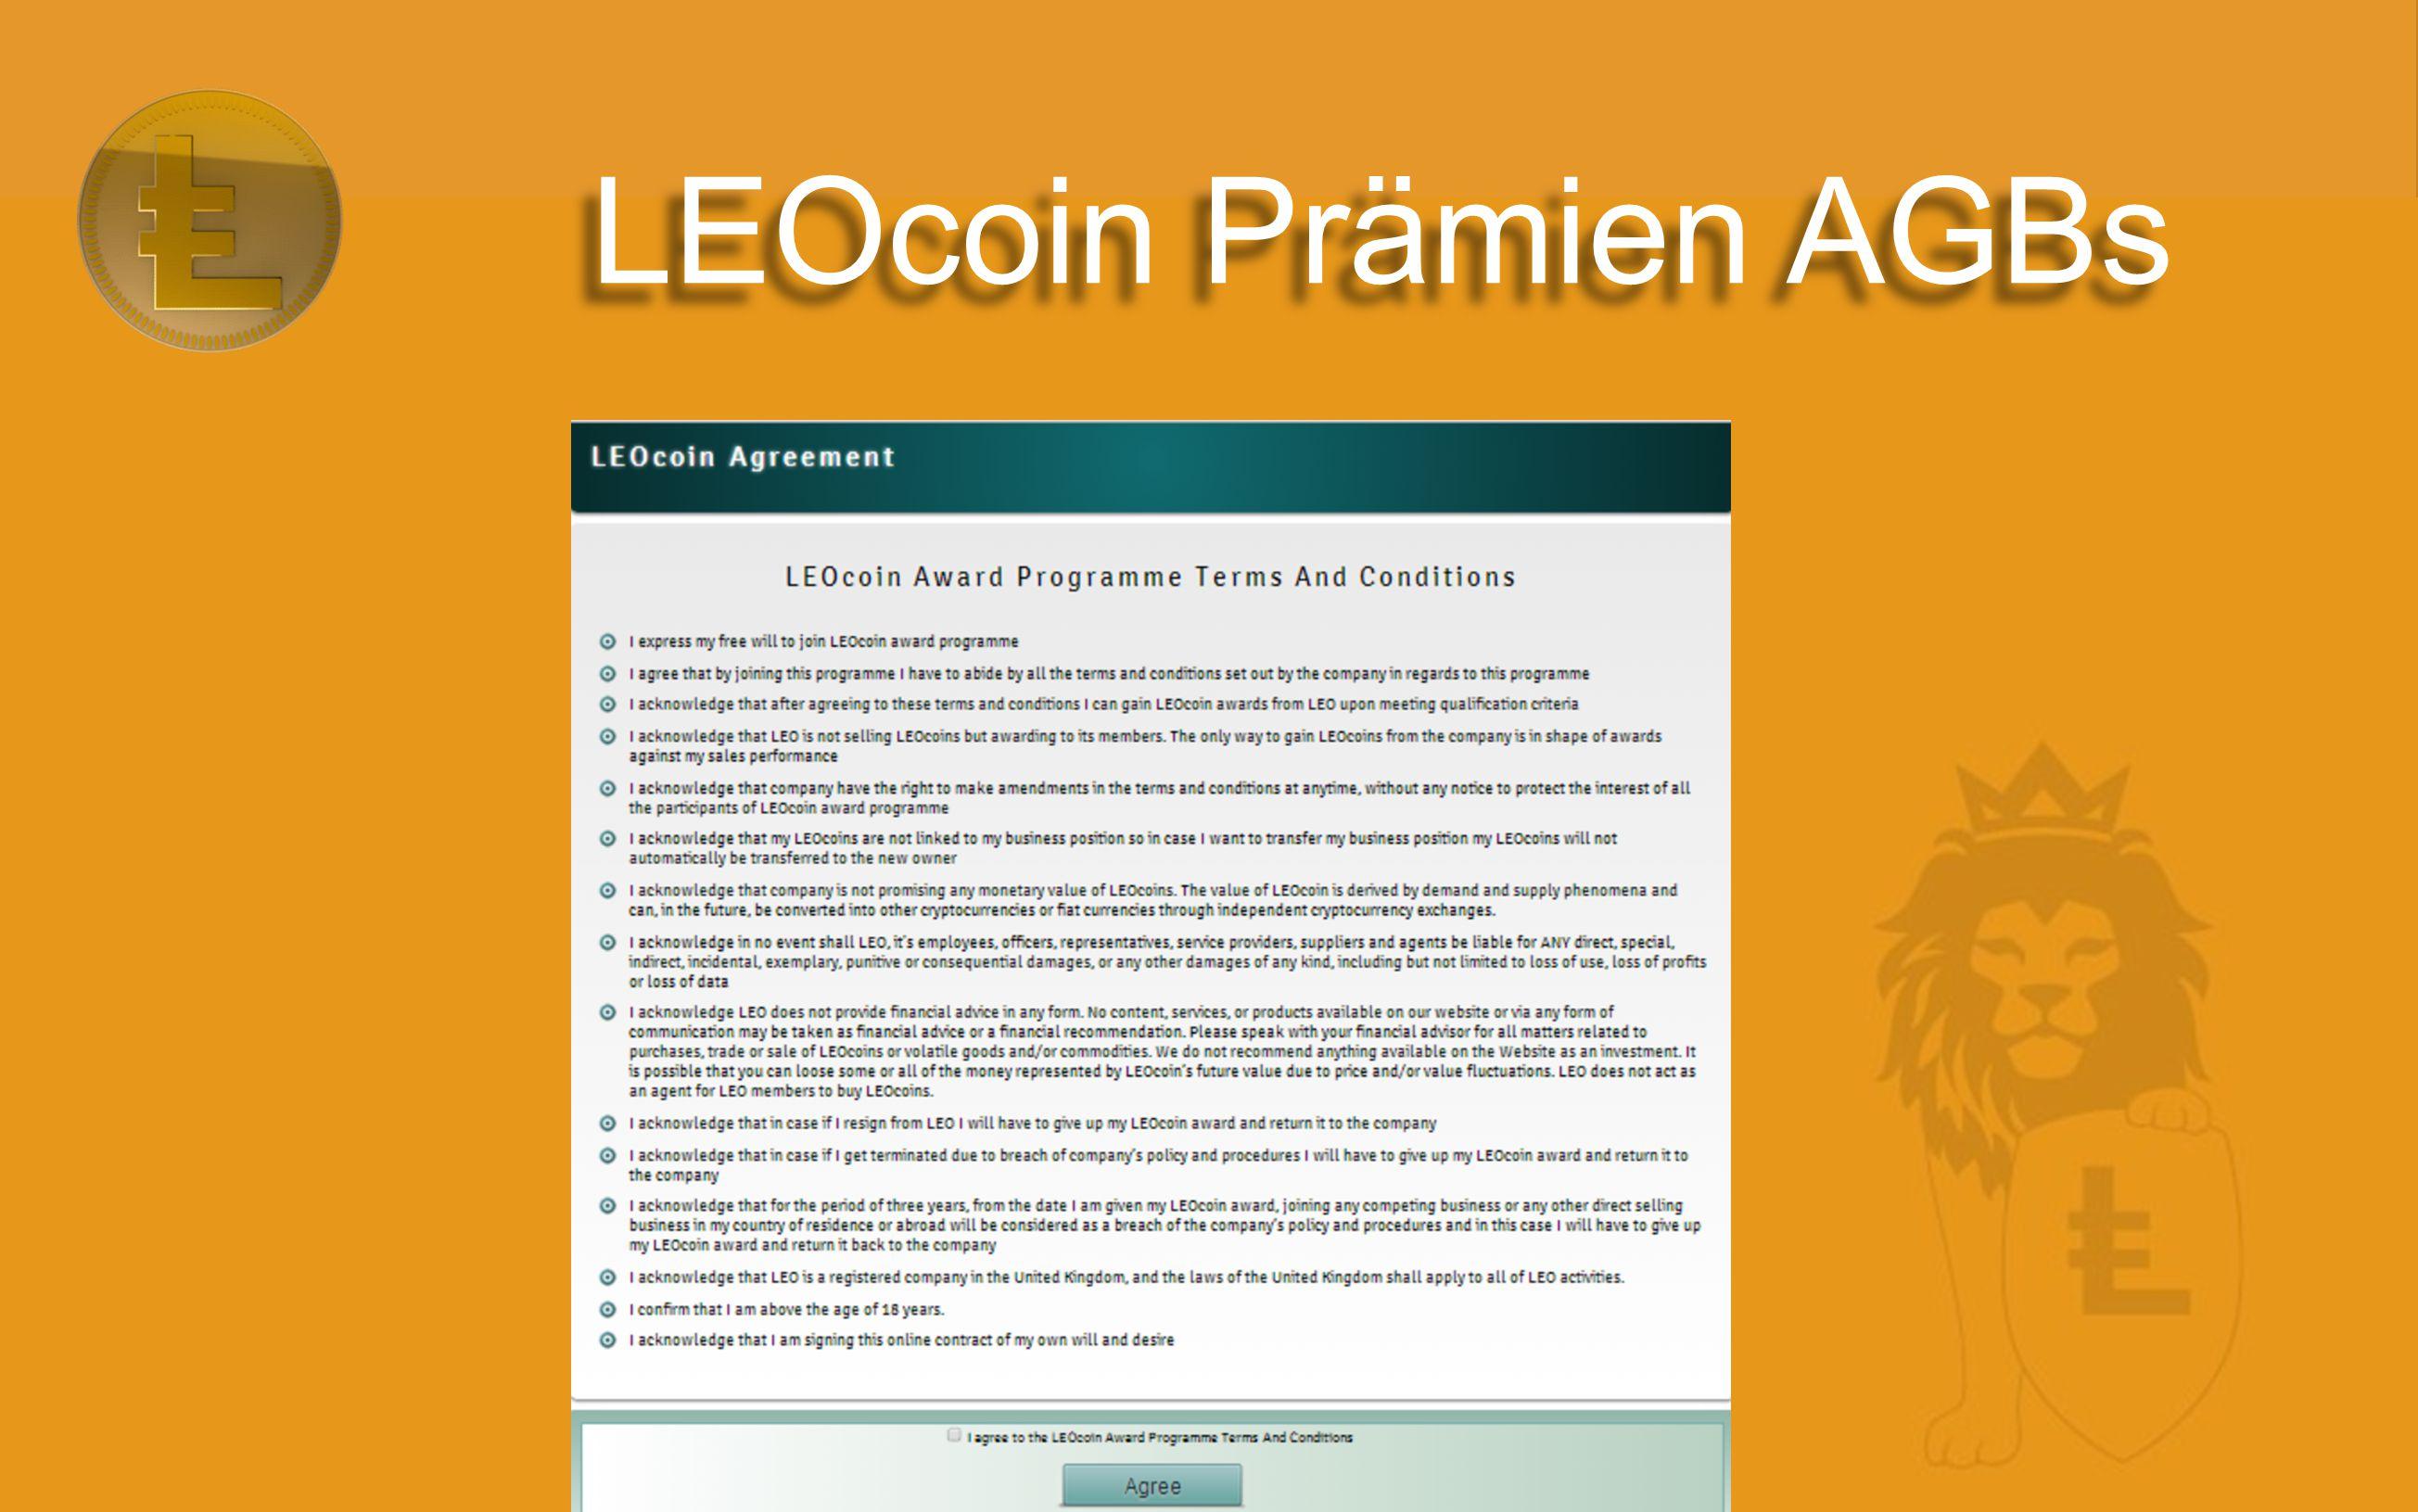 LEOcoin Prämien AGBs